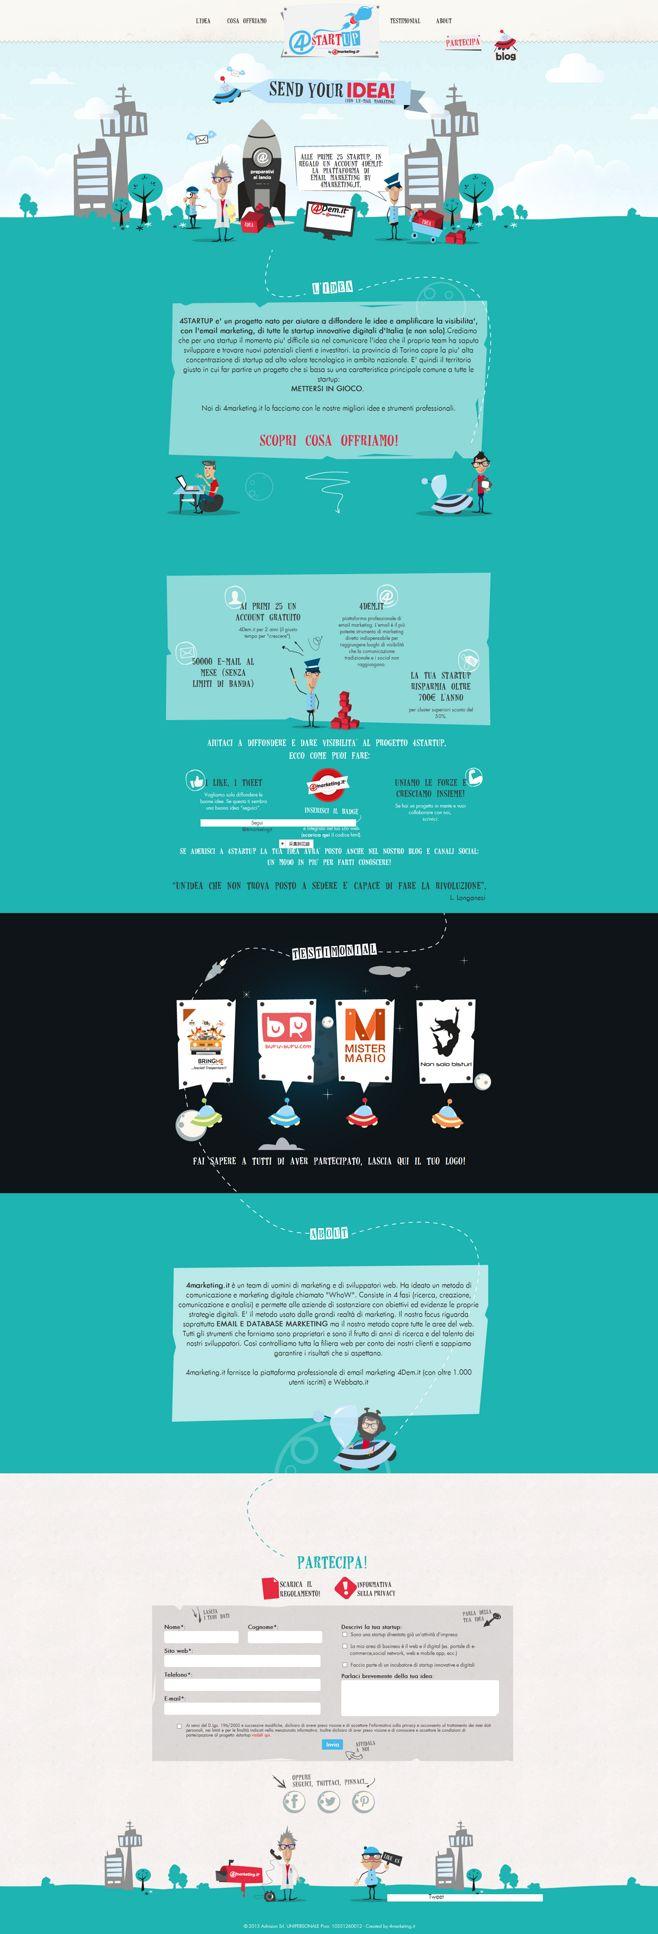 Unique Web Design, 4StartUp #WebDesign #Design (http://www.pinterest.com/aldenchong/)